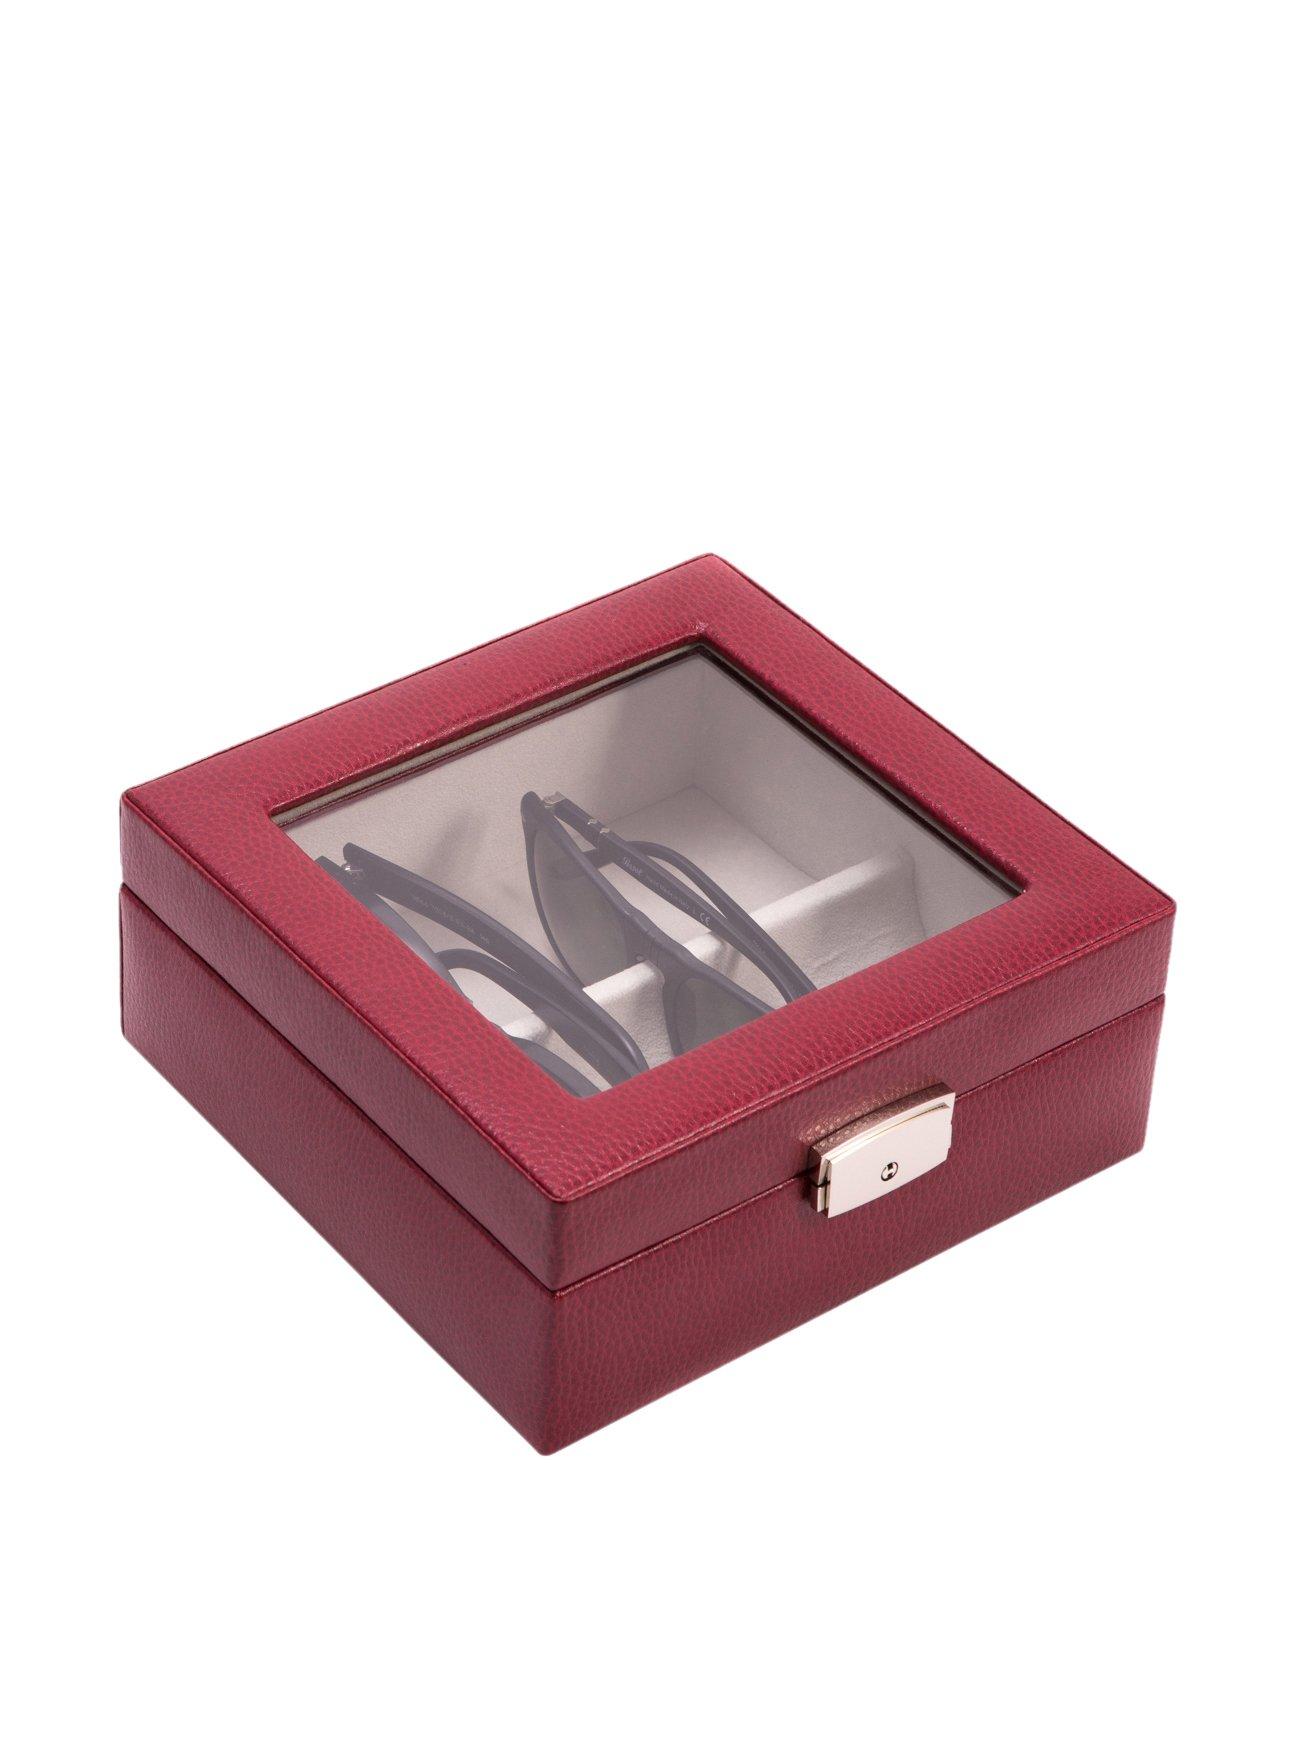 Bey Berk Harper Leather Eyewear Storage Case Red